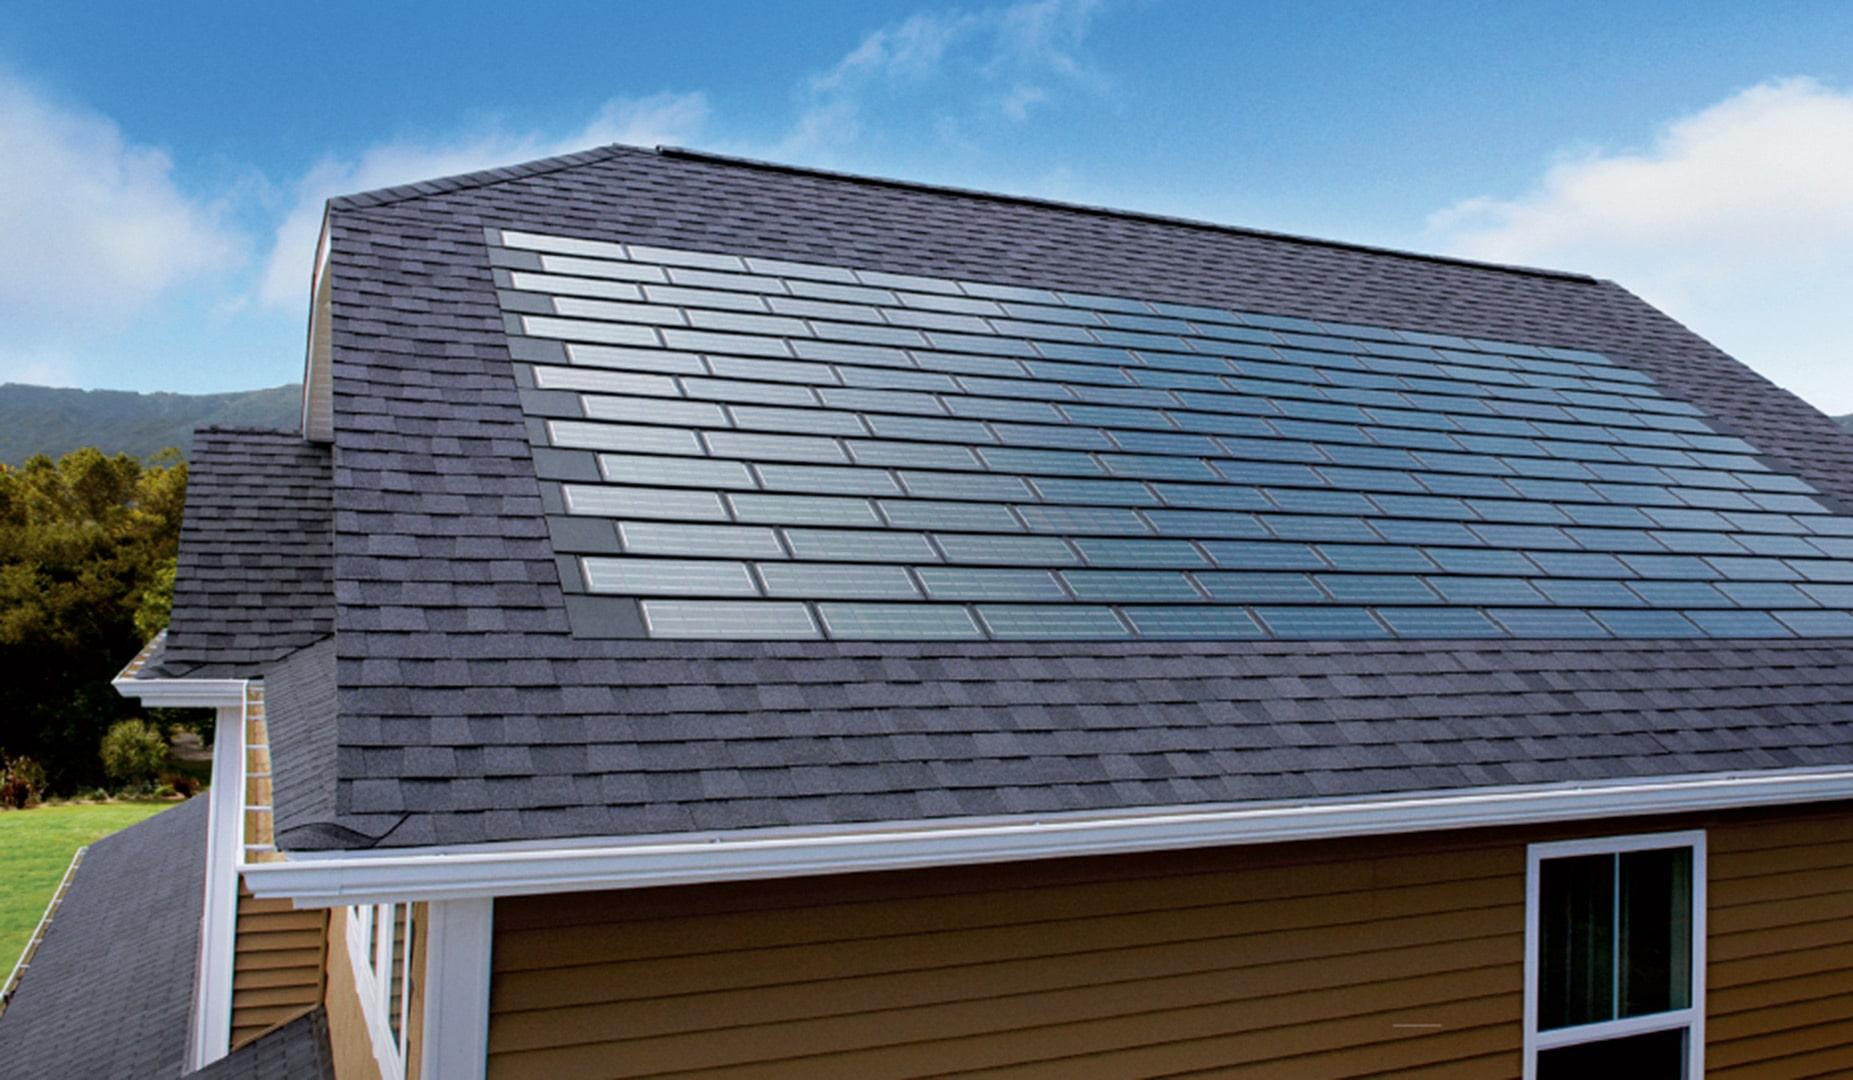 placas-solares-fotovoltaicas-tesla